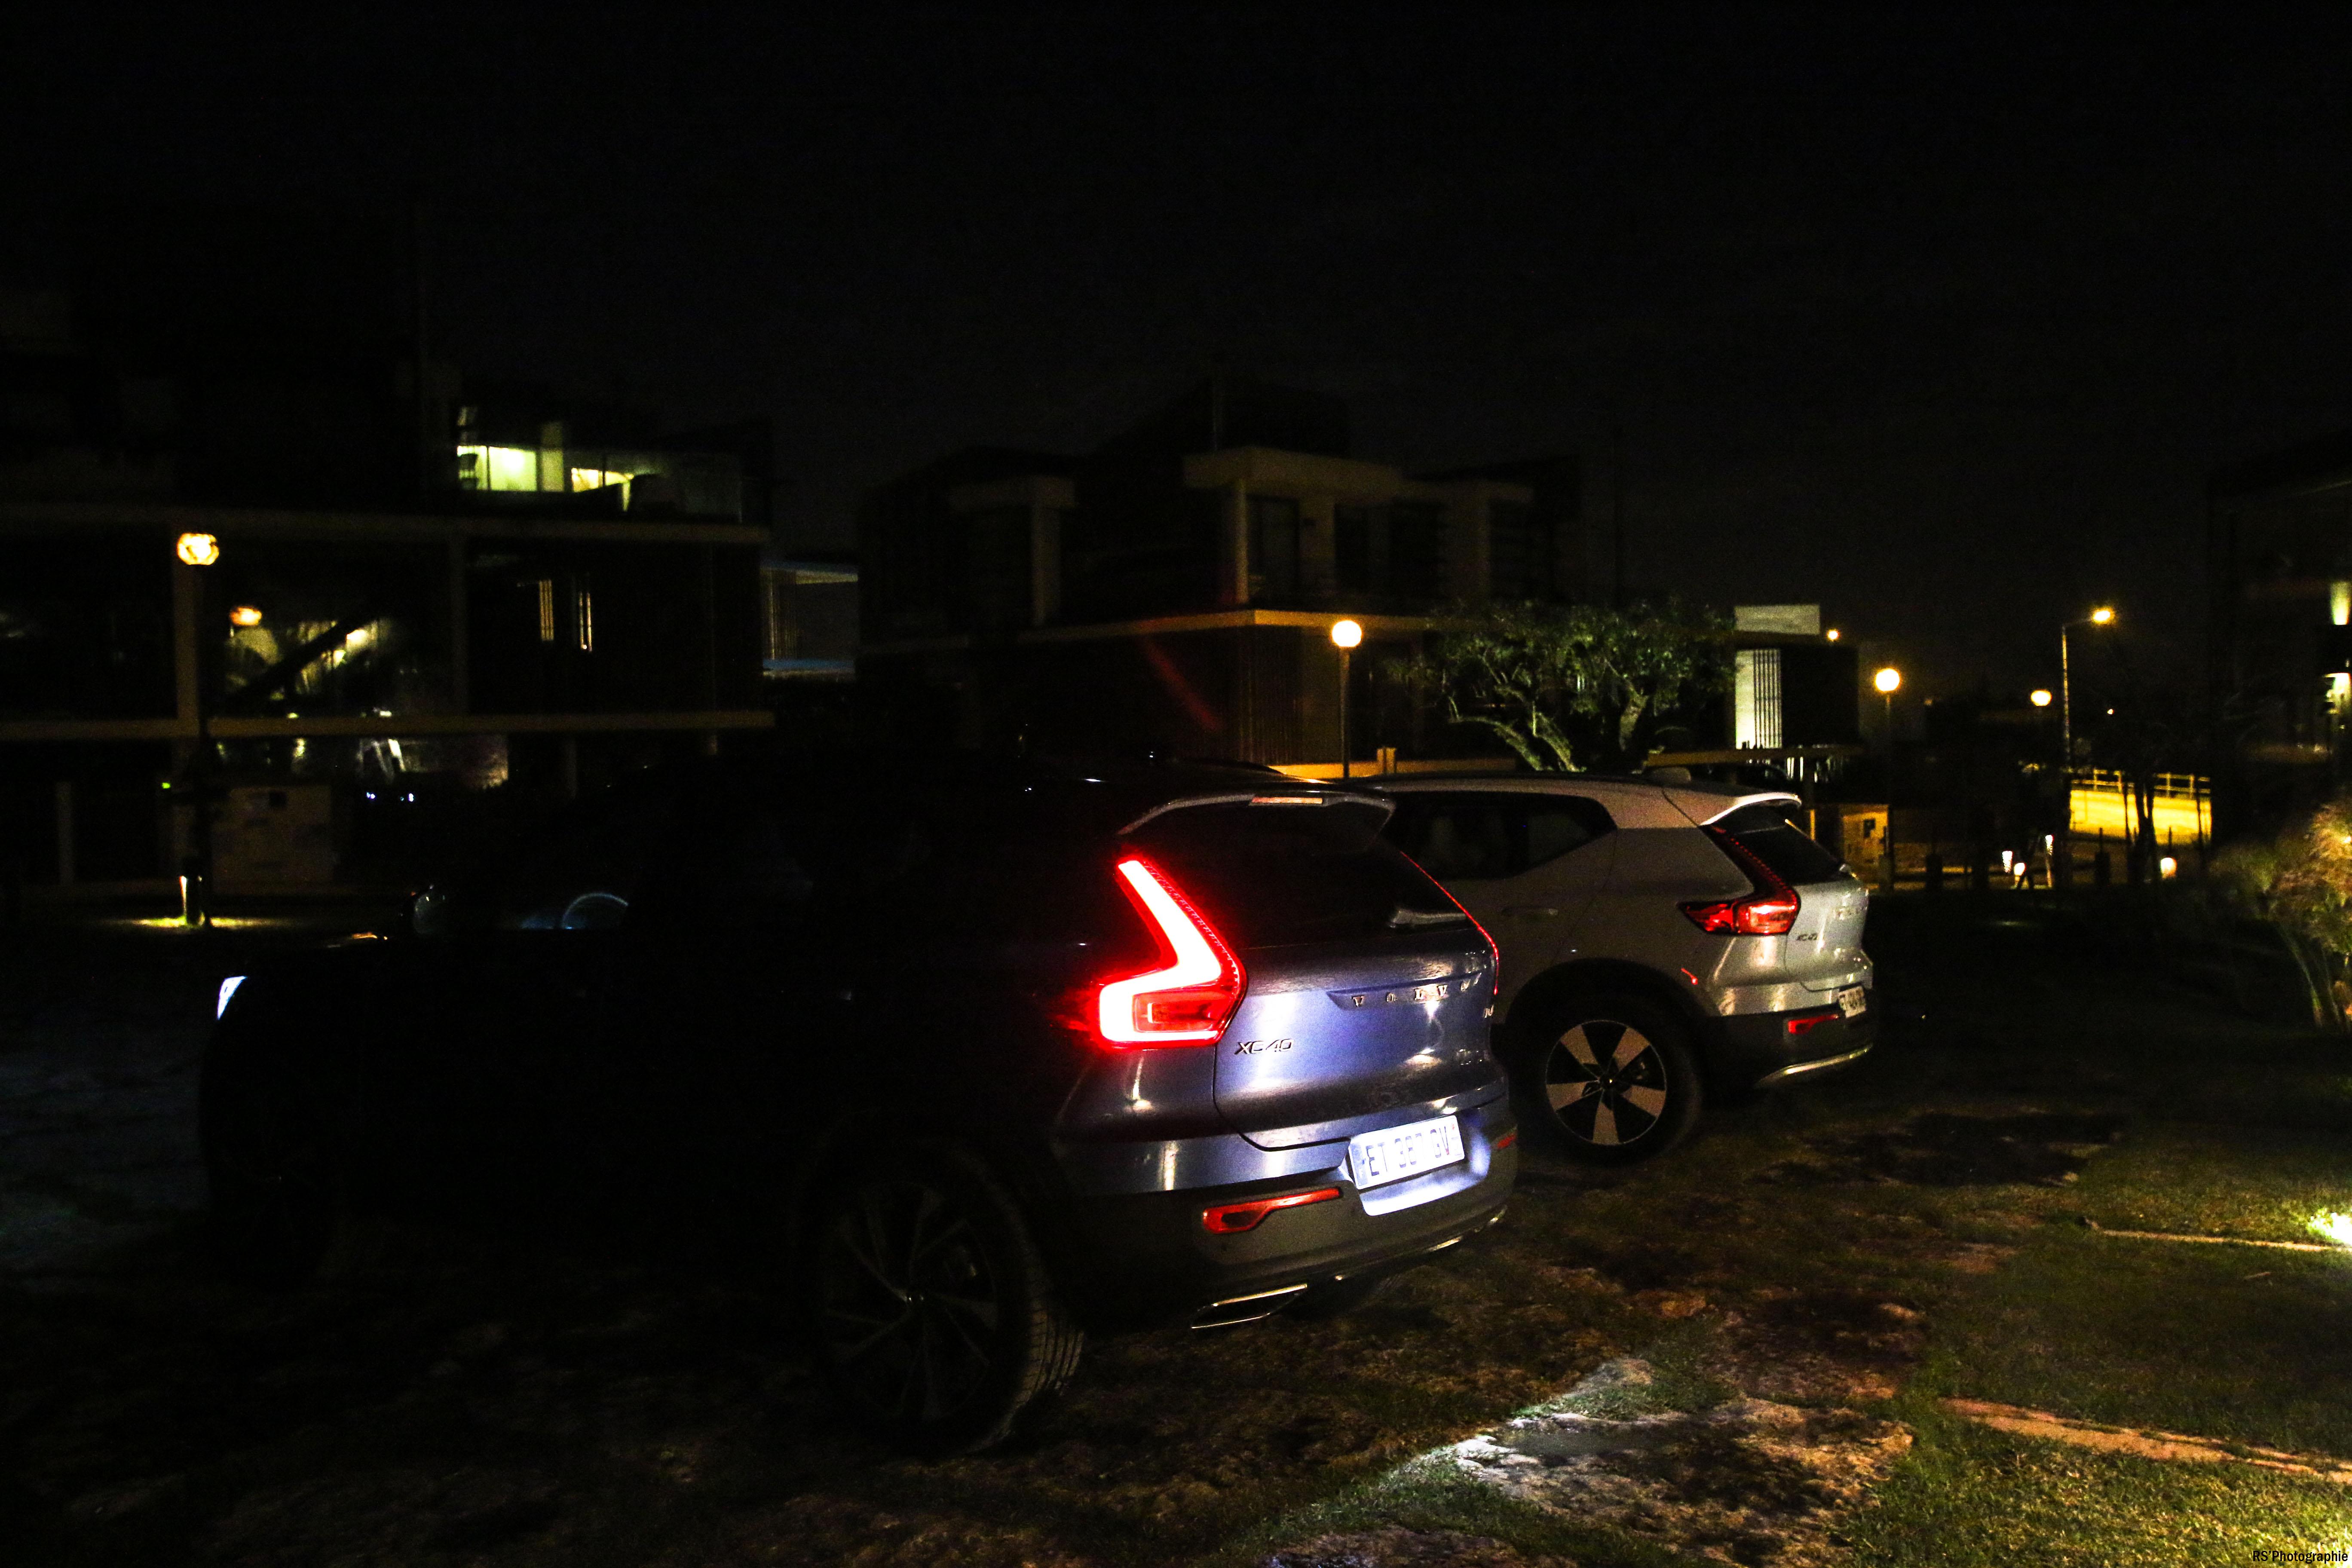 volvoXC4070-volvo-xc40-arriere-rear-Arnaud Demasier-RSPhotographie